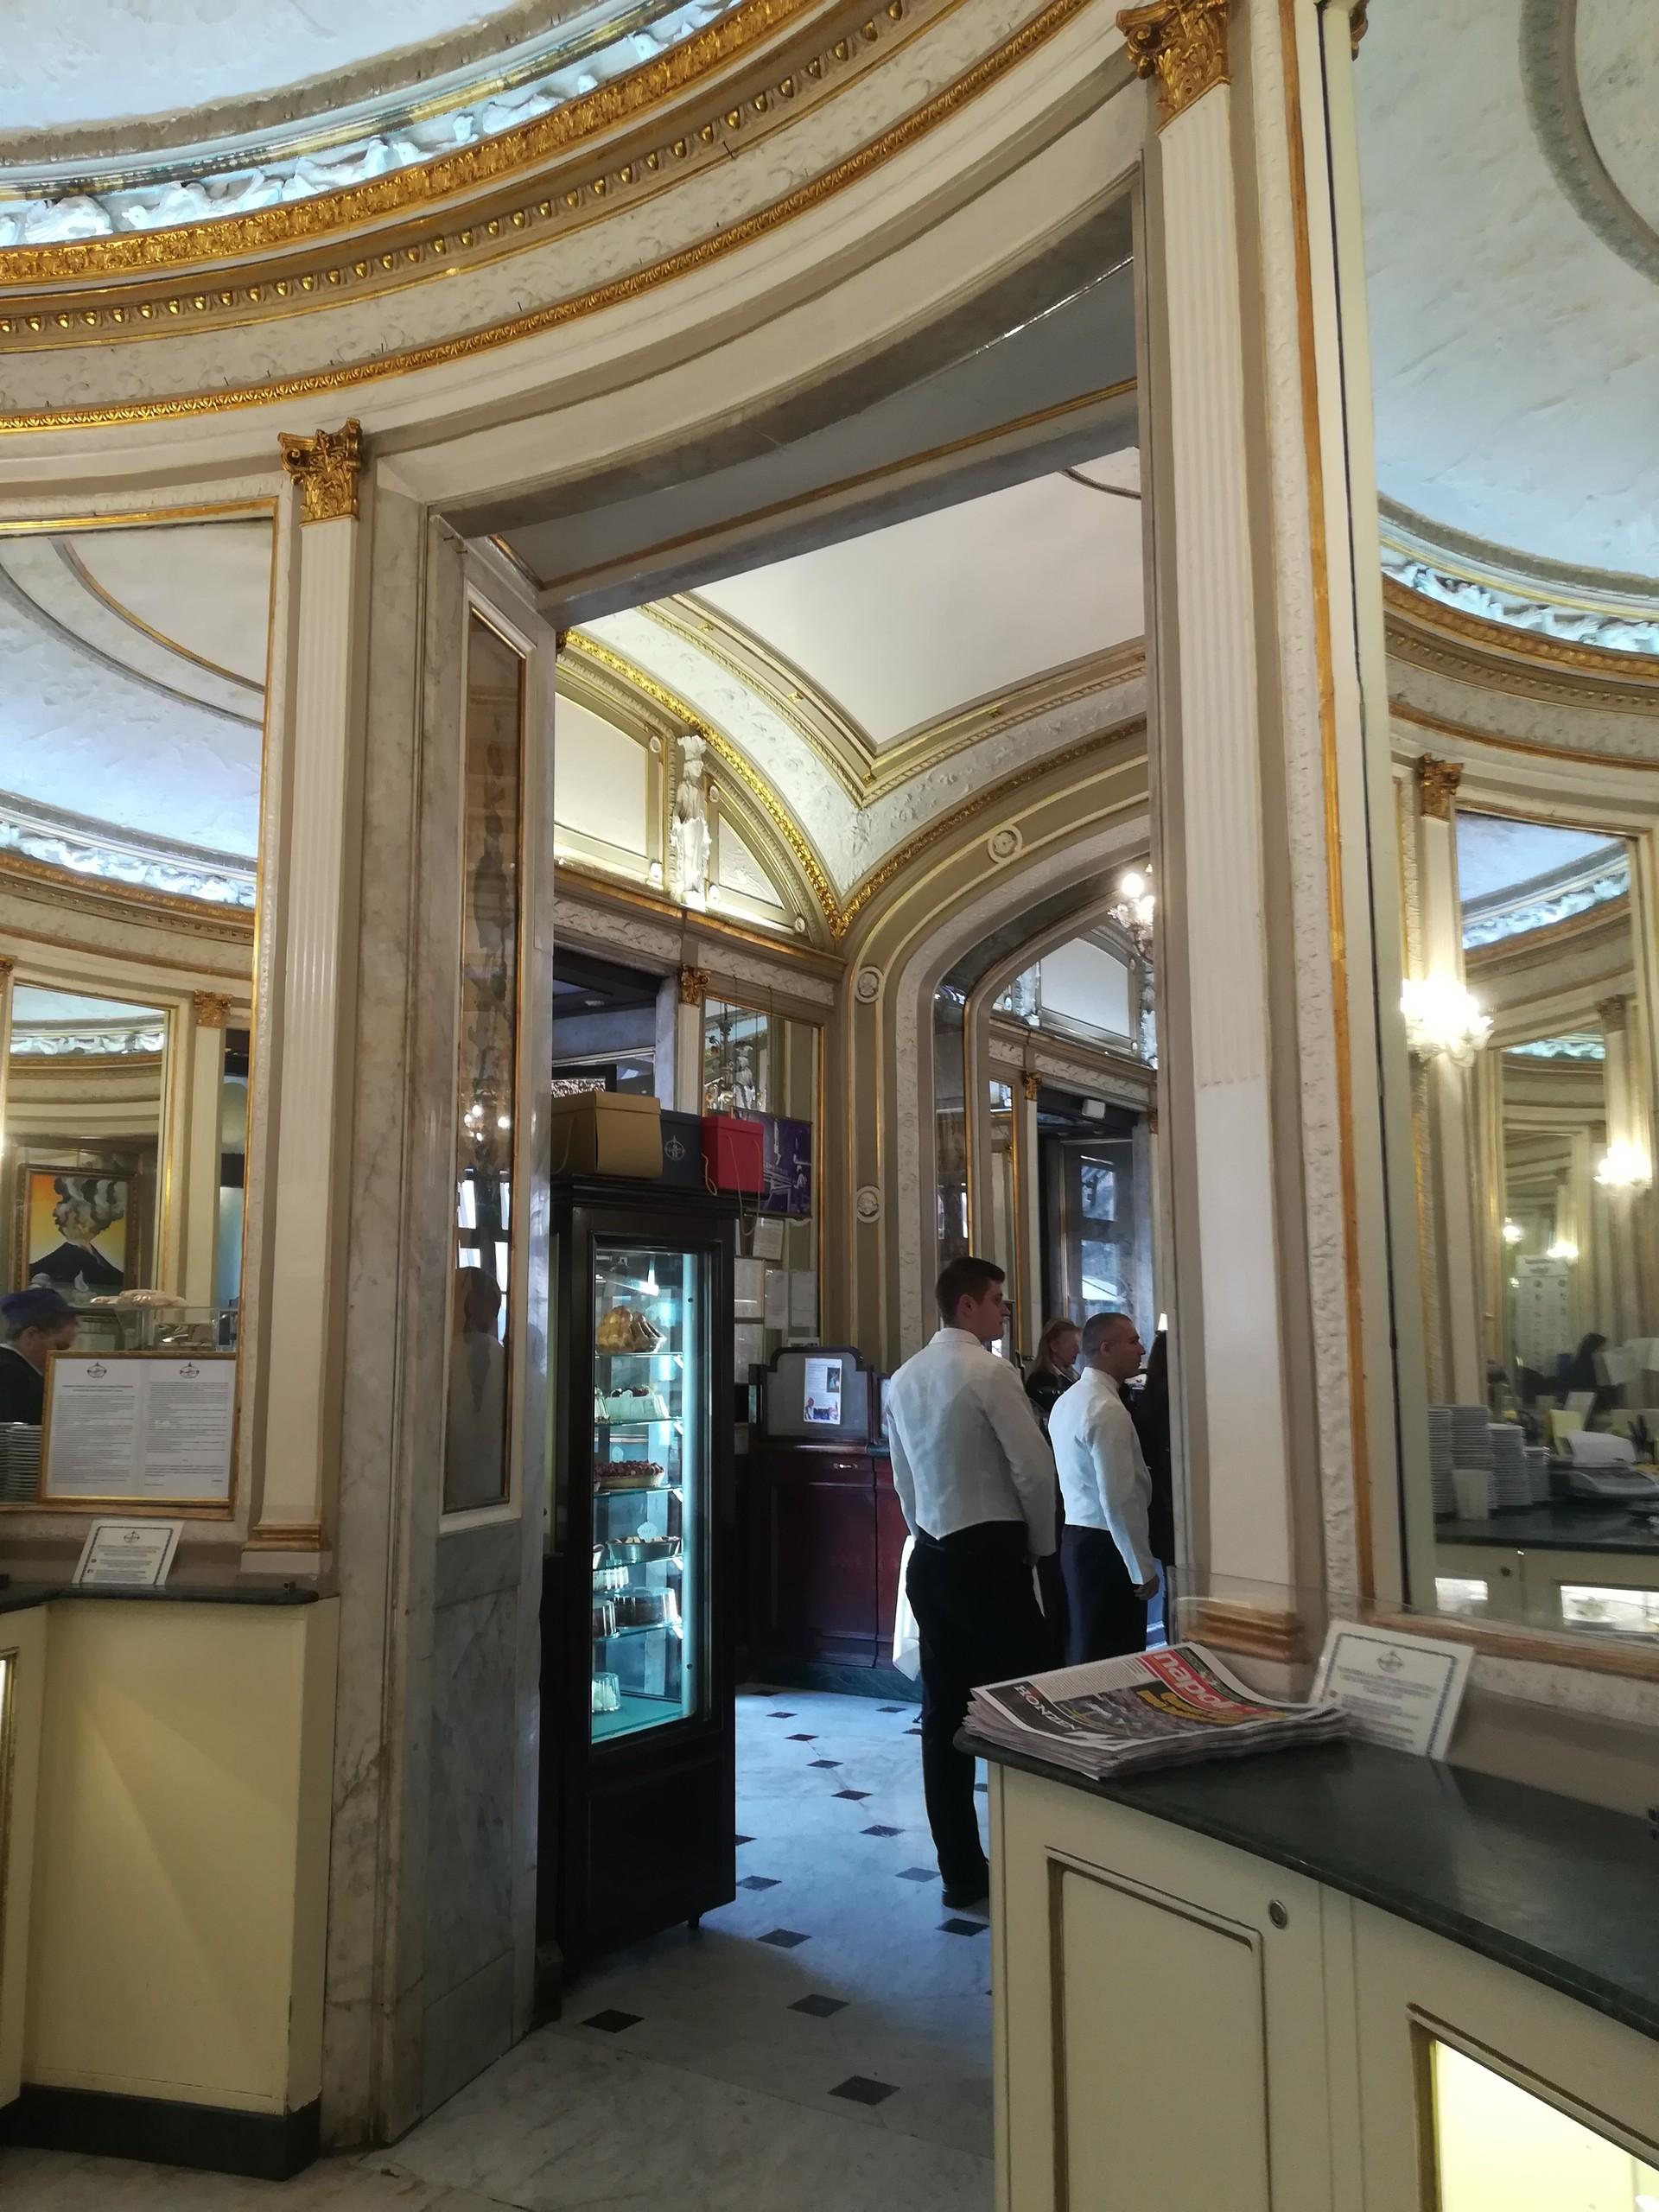 gran-caffe-gambrinus-miglior-caffe-napol